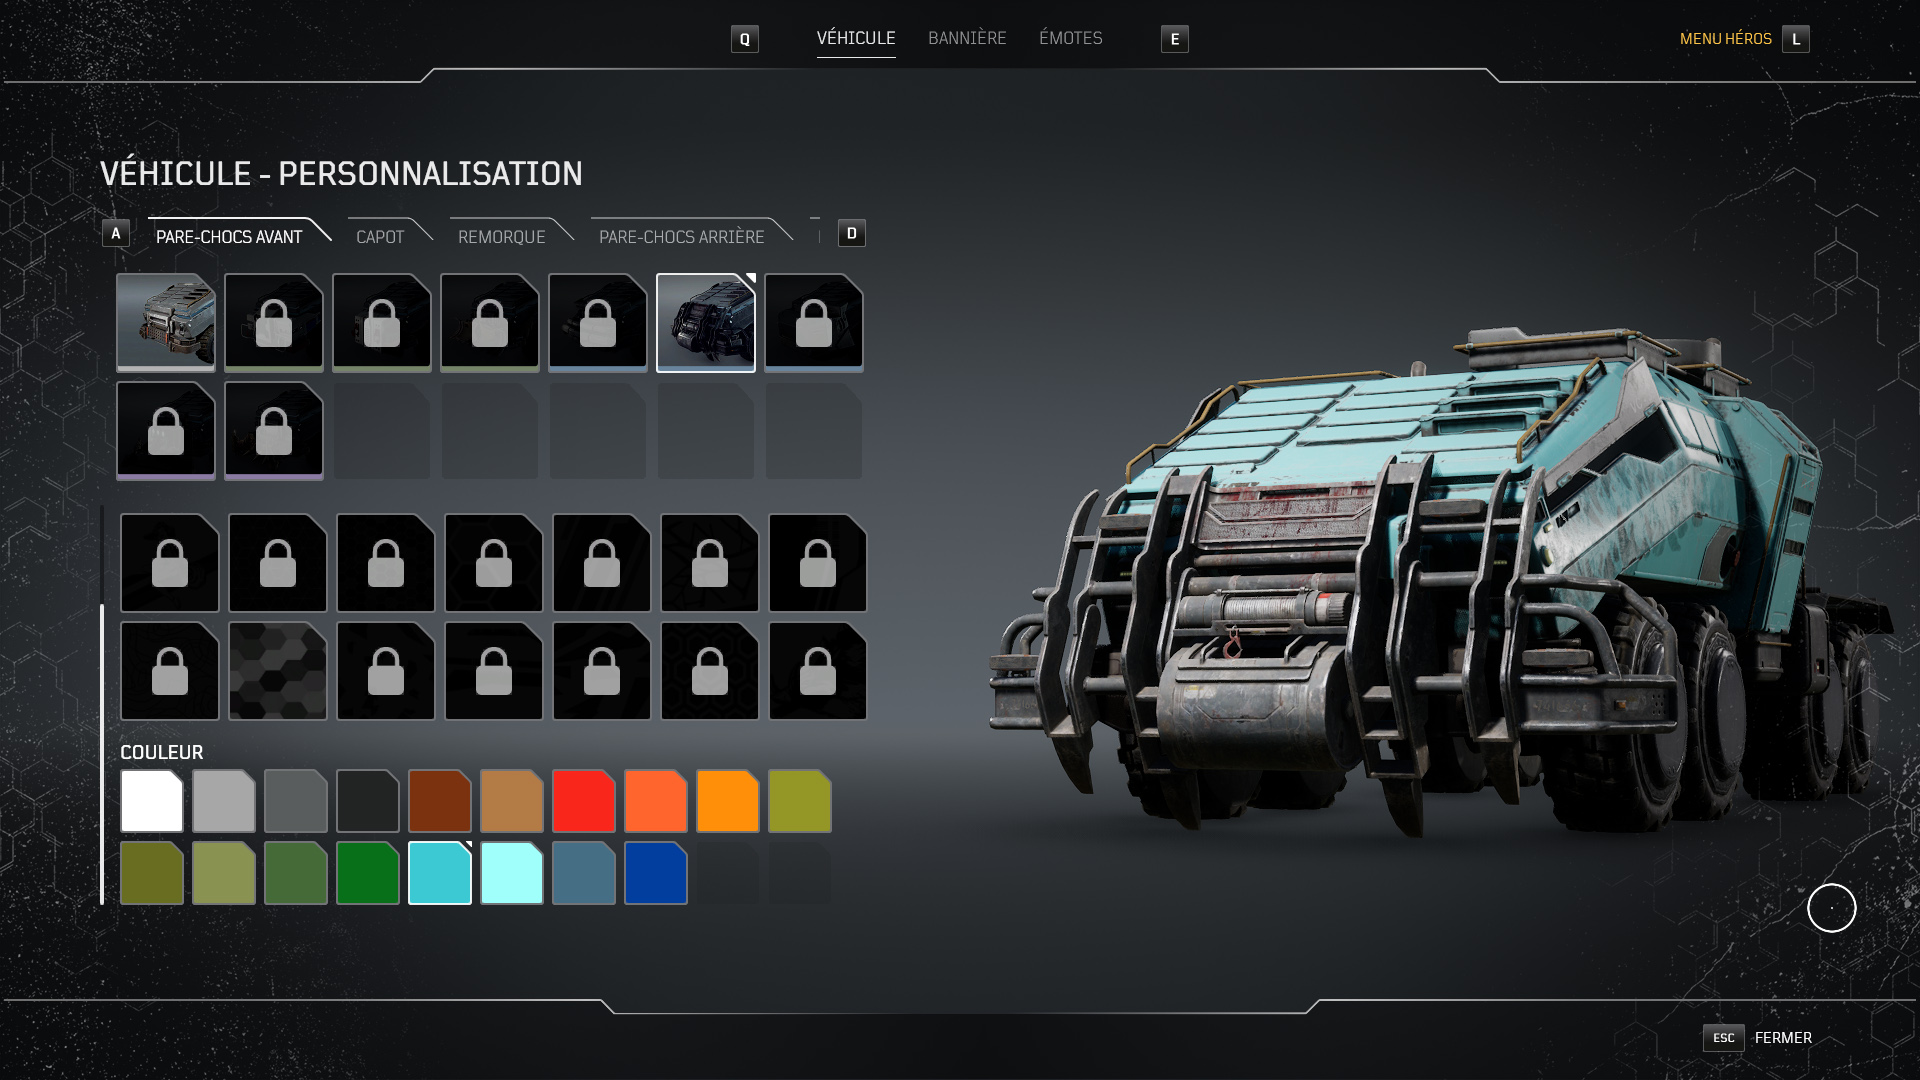 Oui, on peut aussi customiser son camion, grâce à de très nombreuses options. Et, oui, ça ne sert à rien du tout.